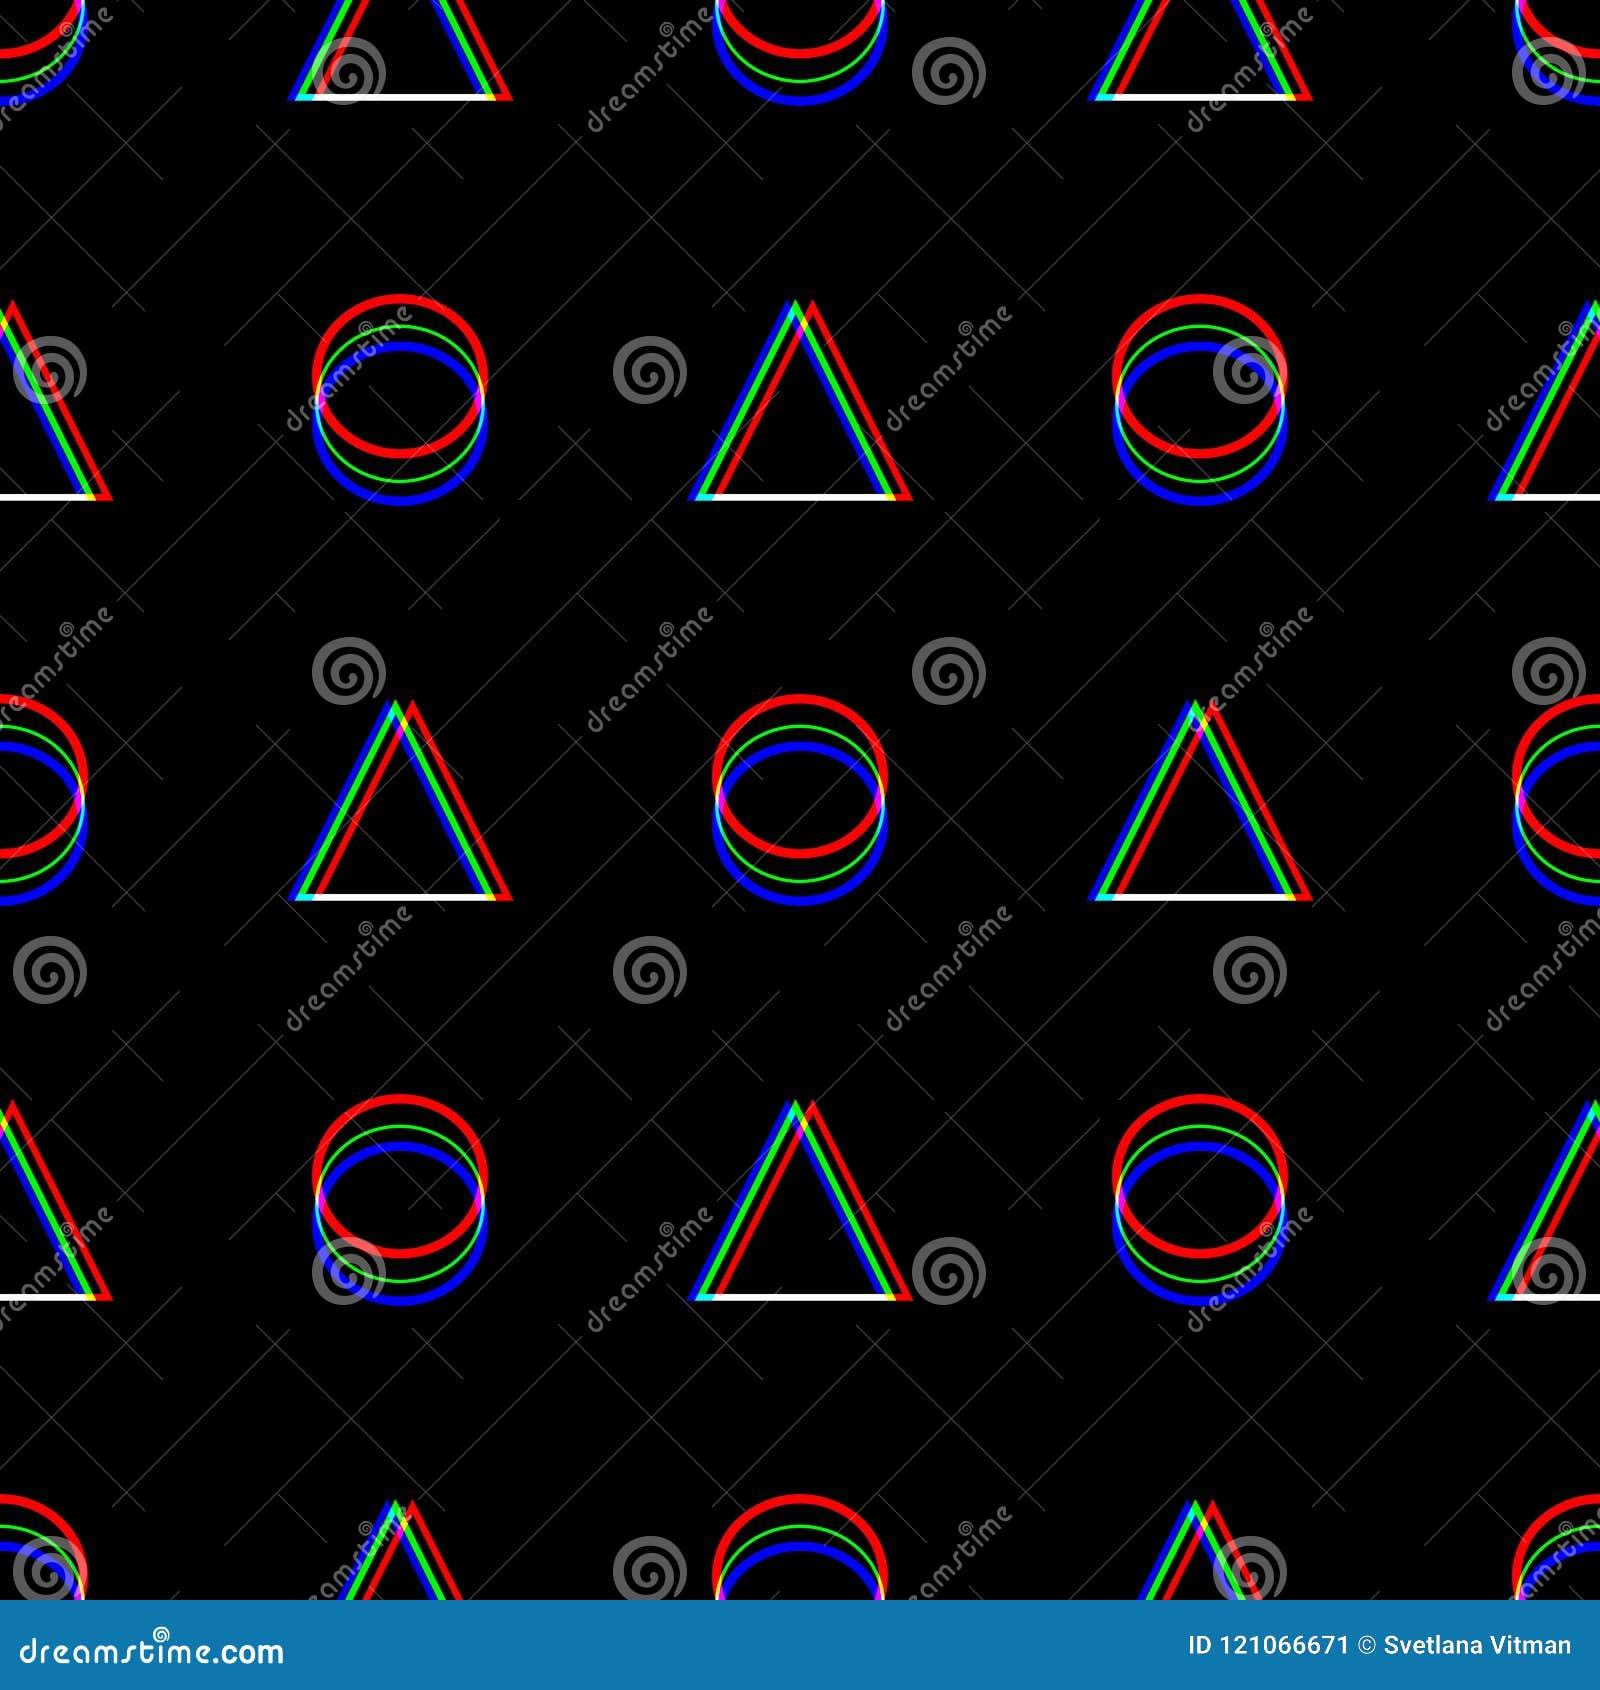 Vektor-nahtloses Störschubmuster Farbe auf schwarzem Hintergrund Dreieck und Kreis Digital-Pixelgeräusch-Zusammenfassungsdesign